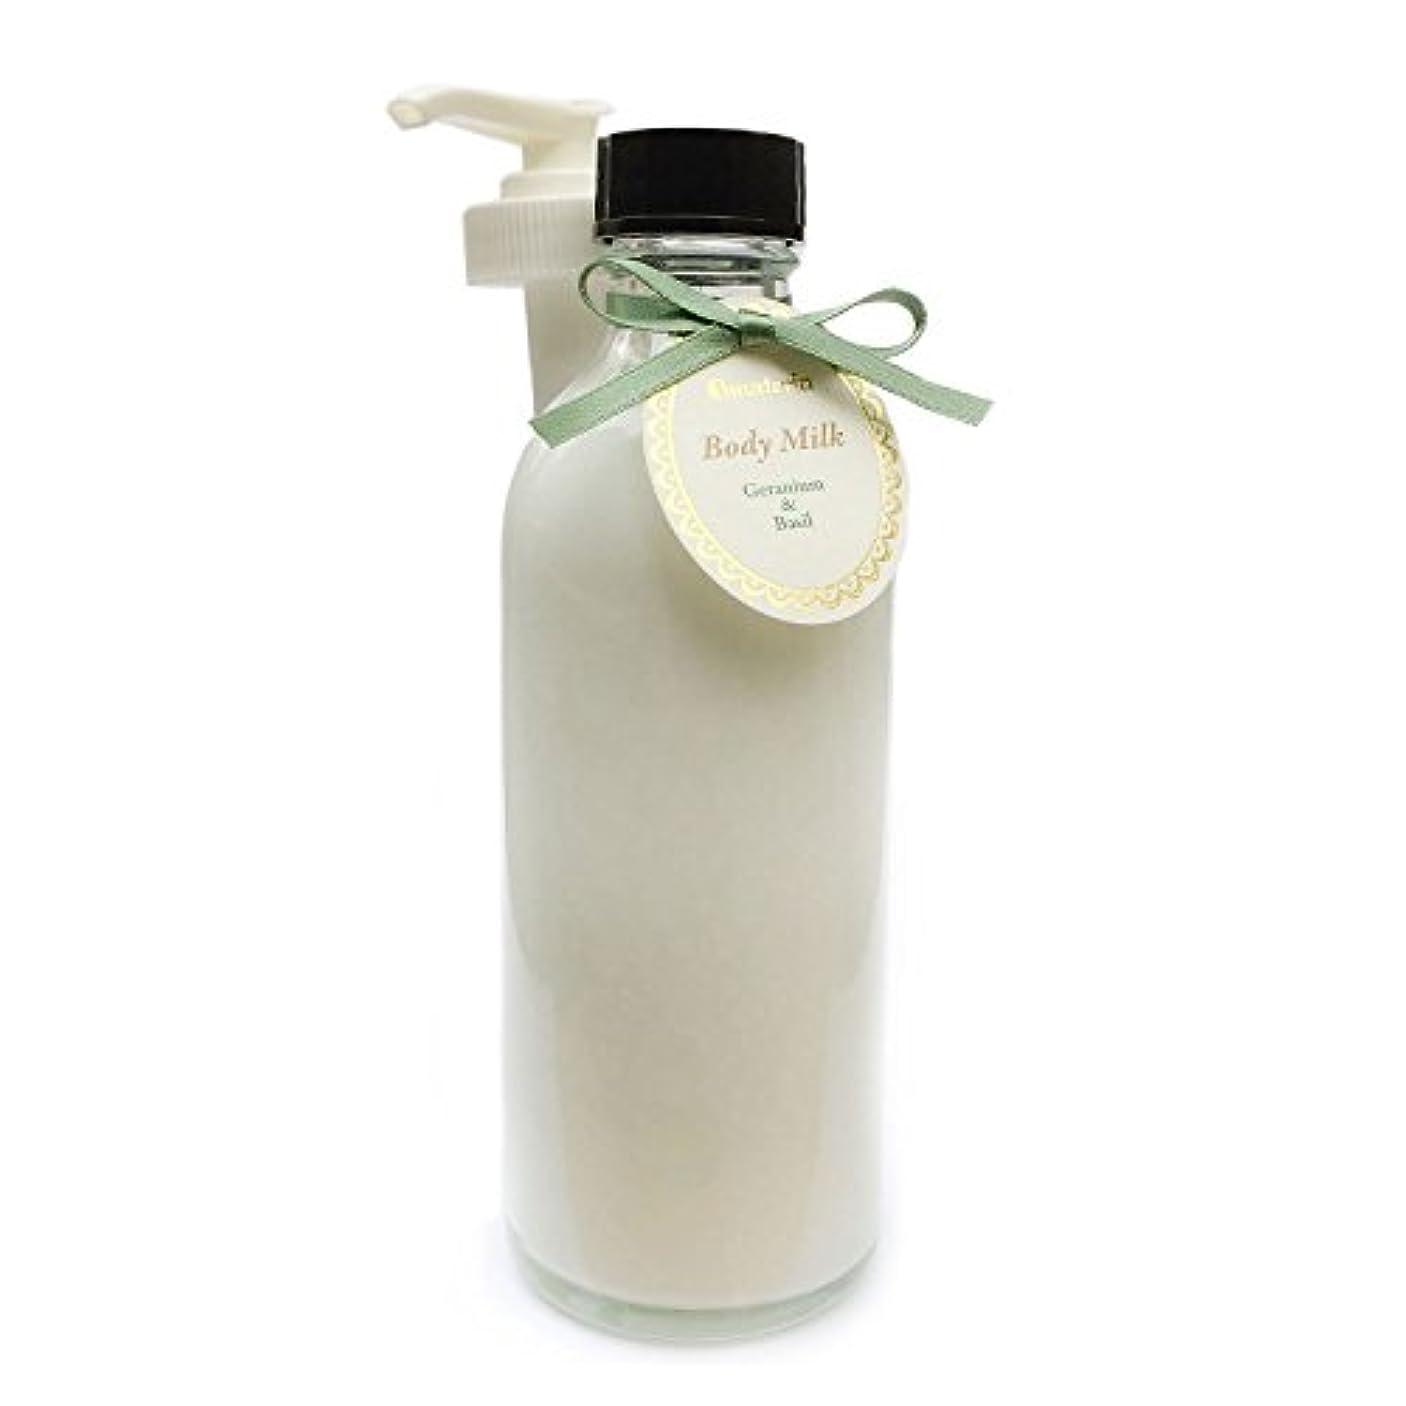 入浴迷惑大きさD materia ボディミルク ゼラニウム&バジル Geranium&Basil Body Milk ディーマテリア